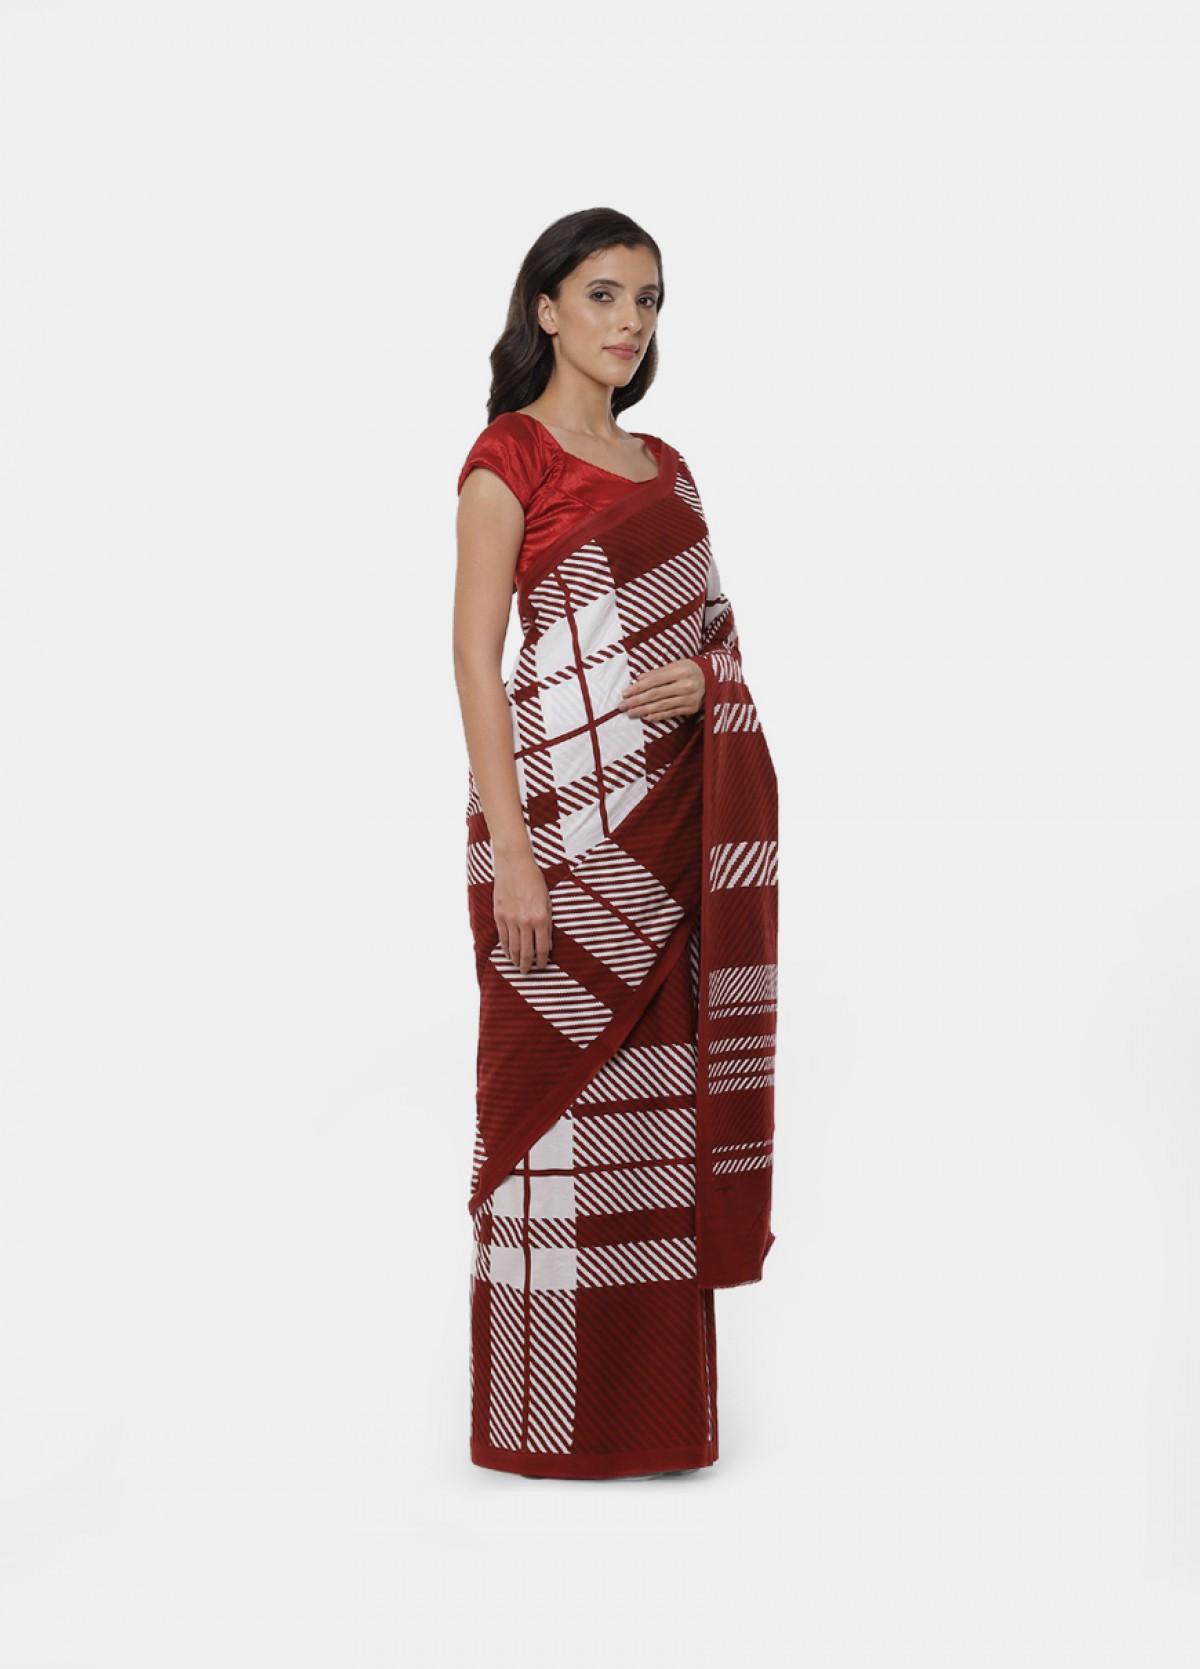 The Khadi Sari